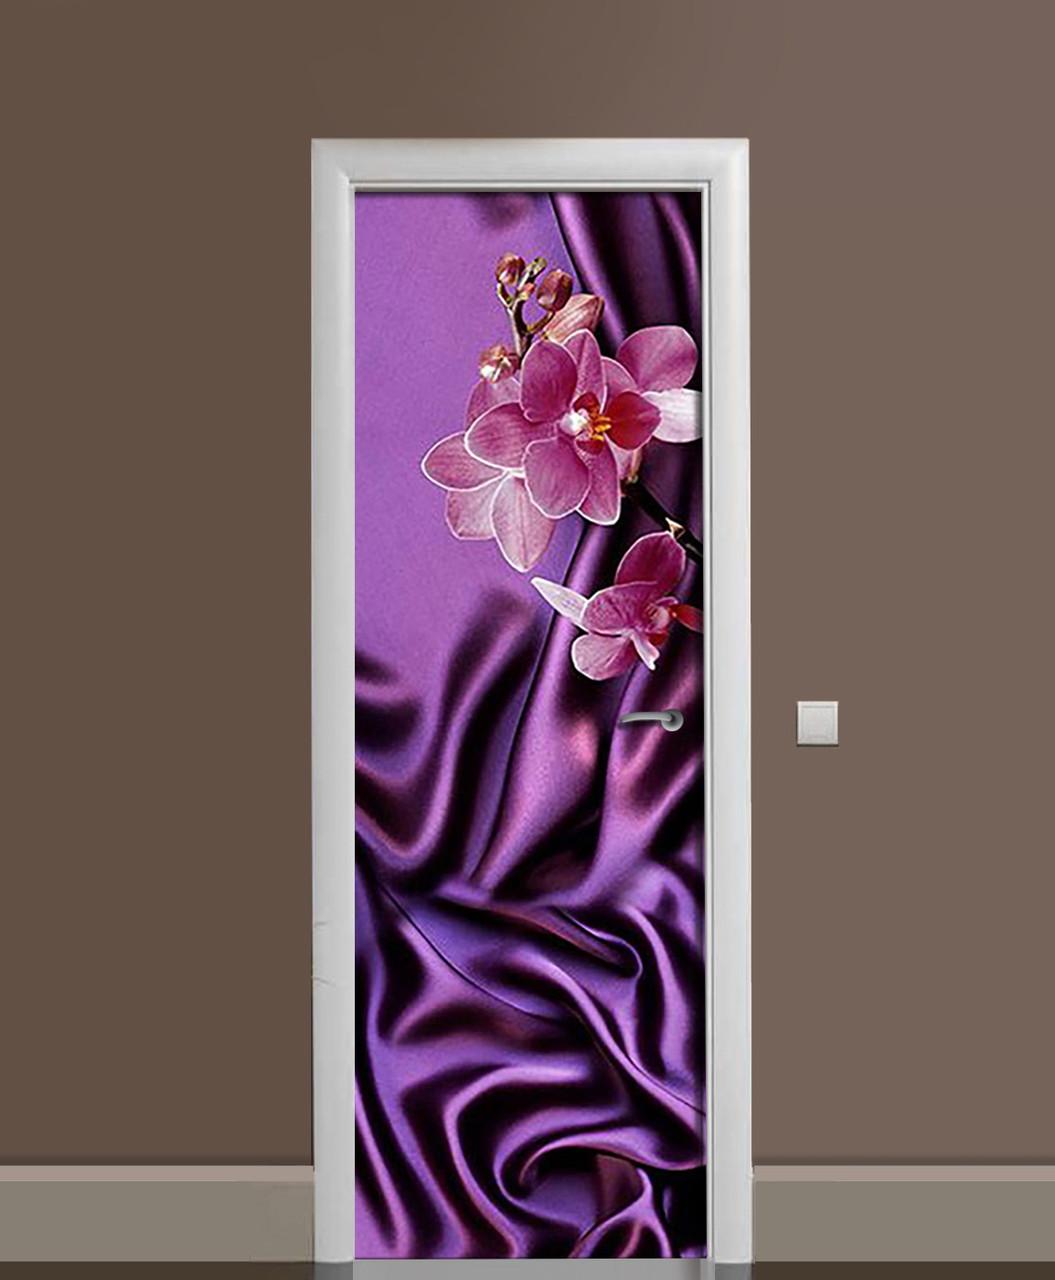 Наклейка на двери Фиолетовый Шелк виниловая пленка ламинированная ПВХ орхидеи под ткань цветы 650*2000 мм